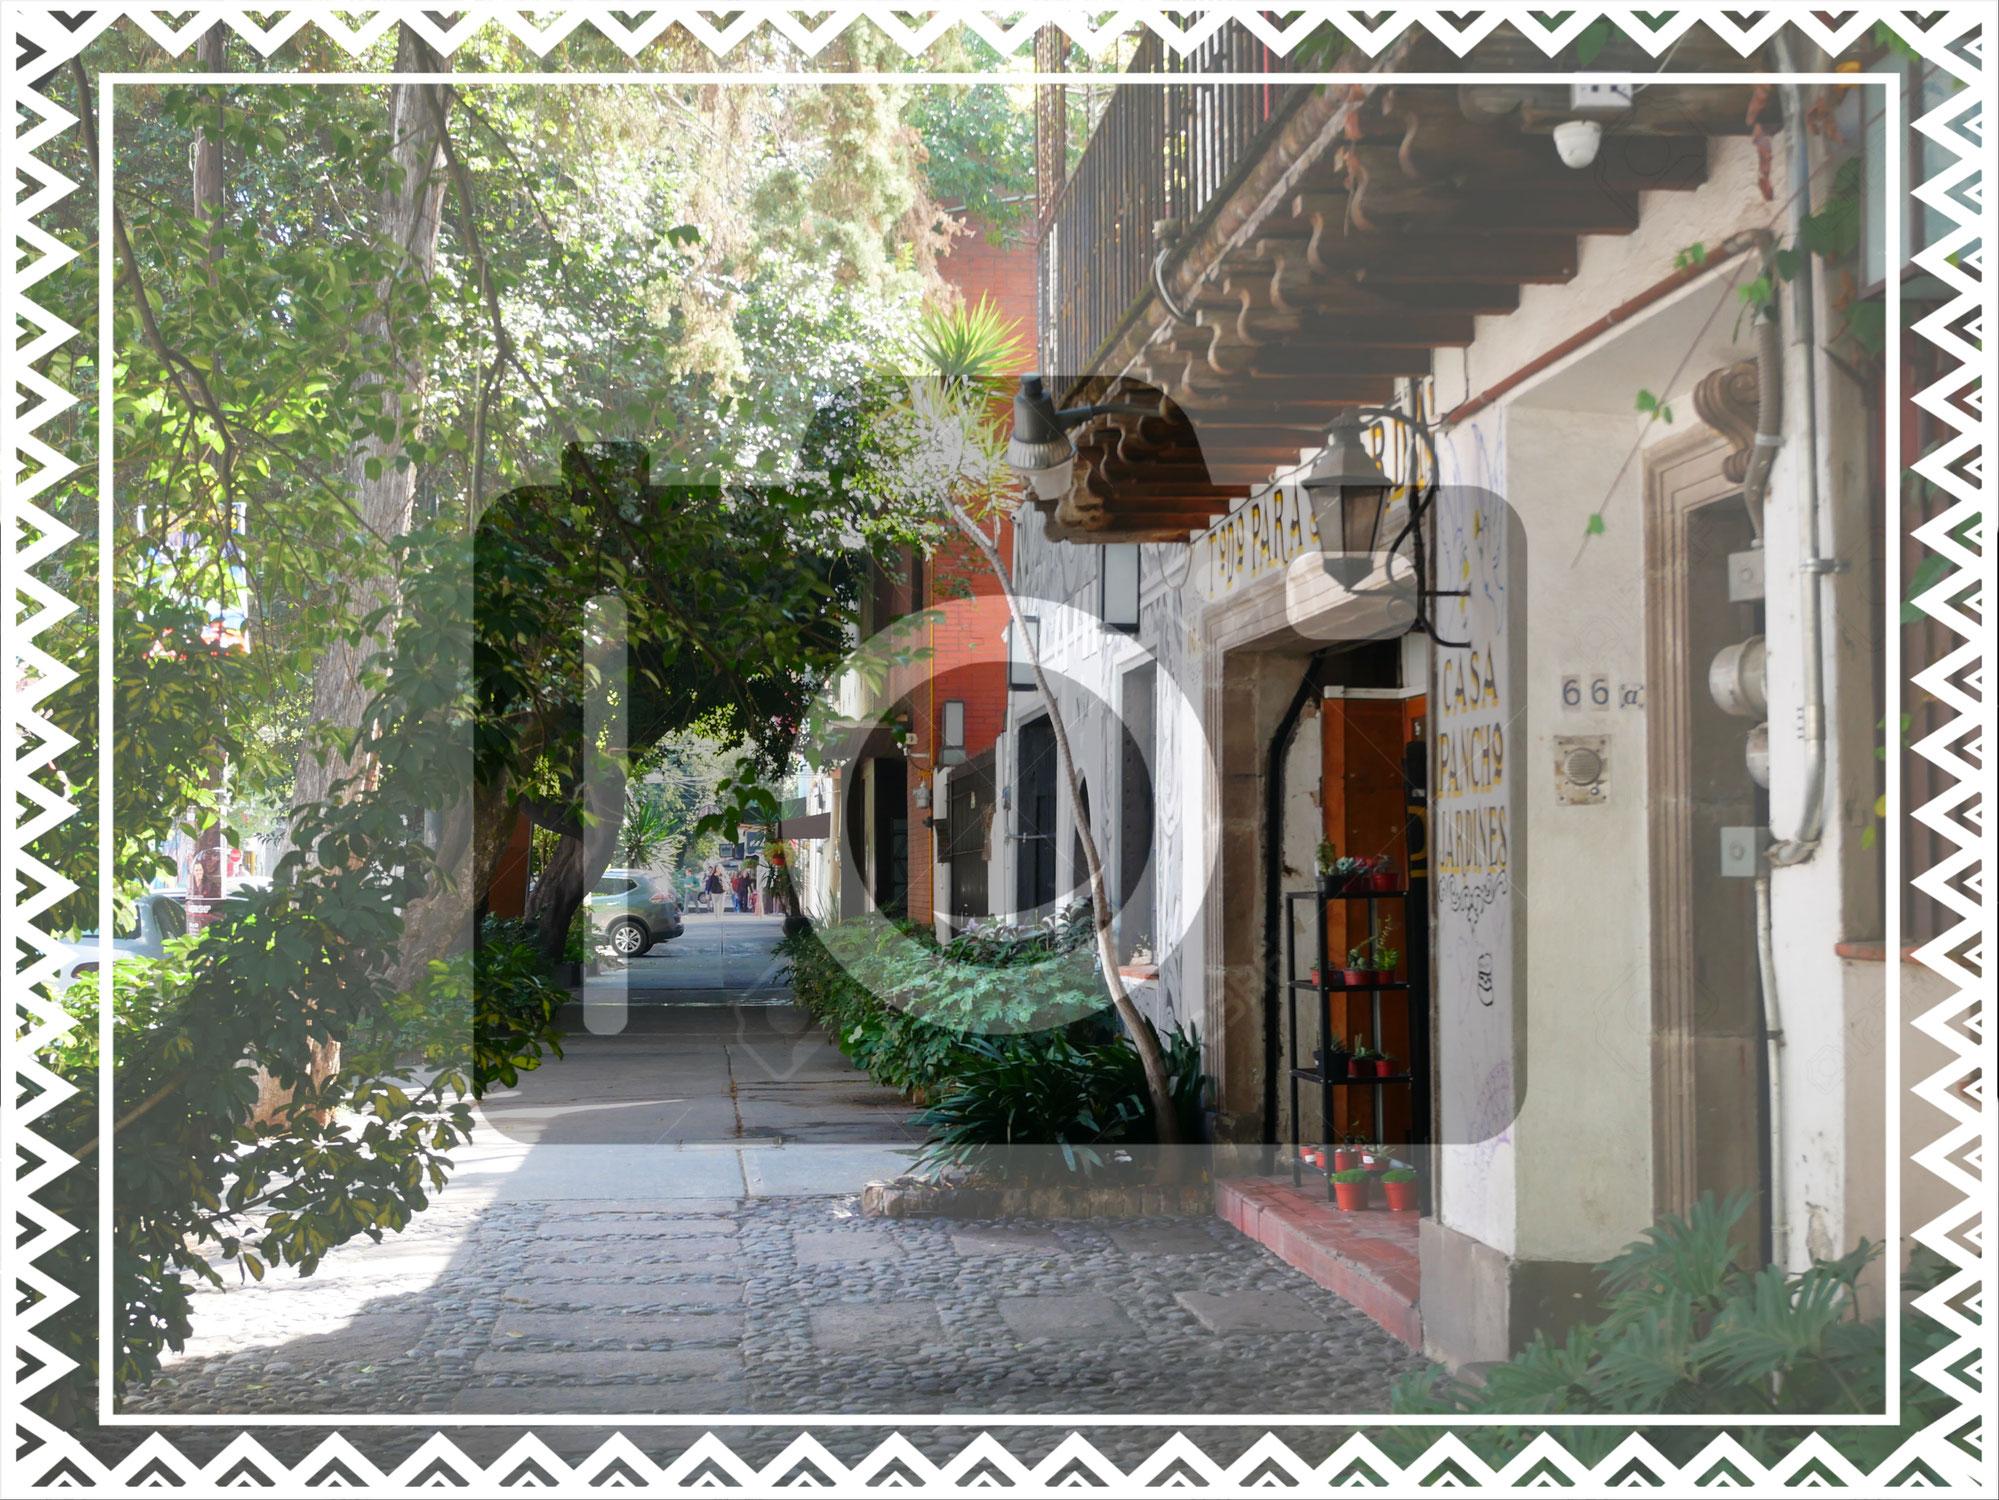 Mexico City en images